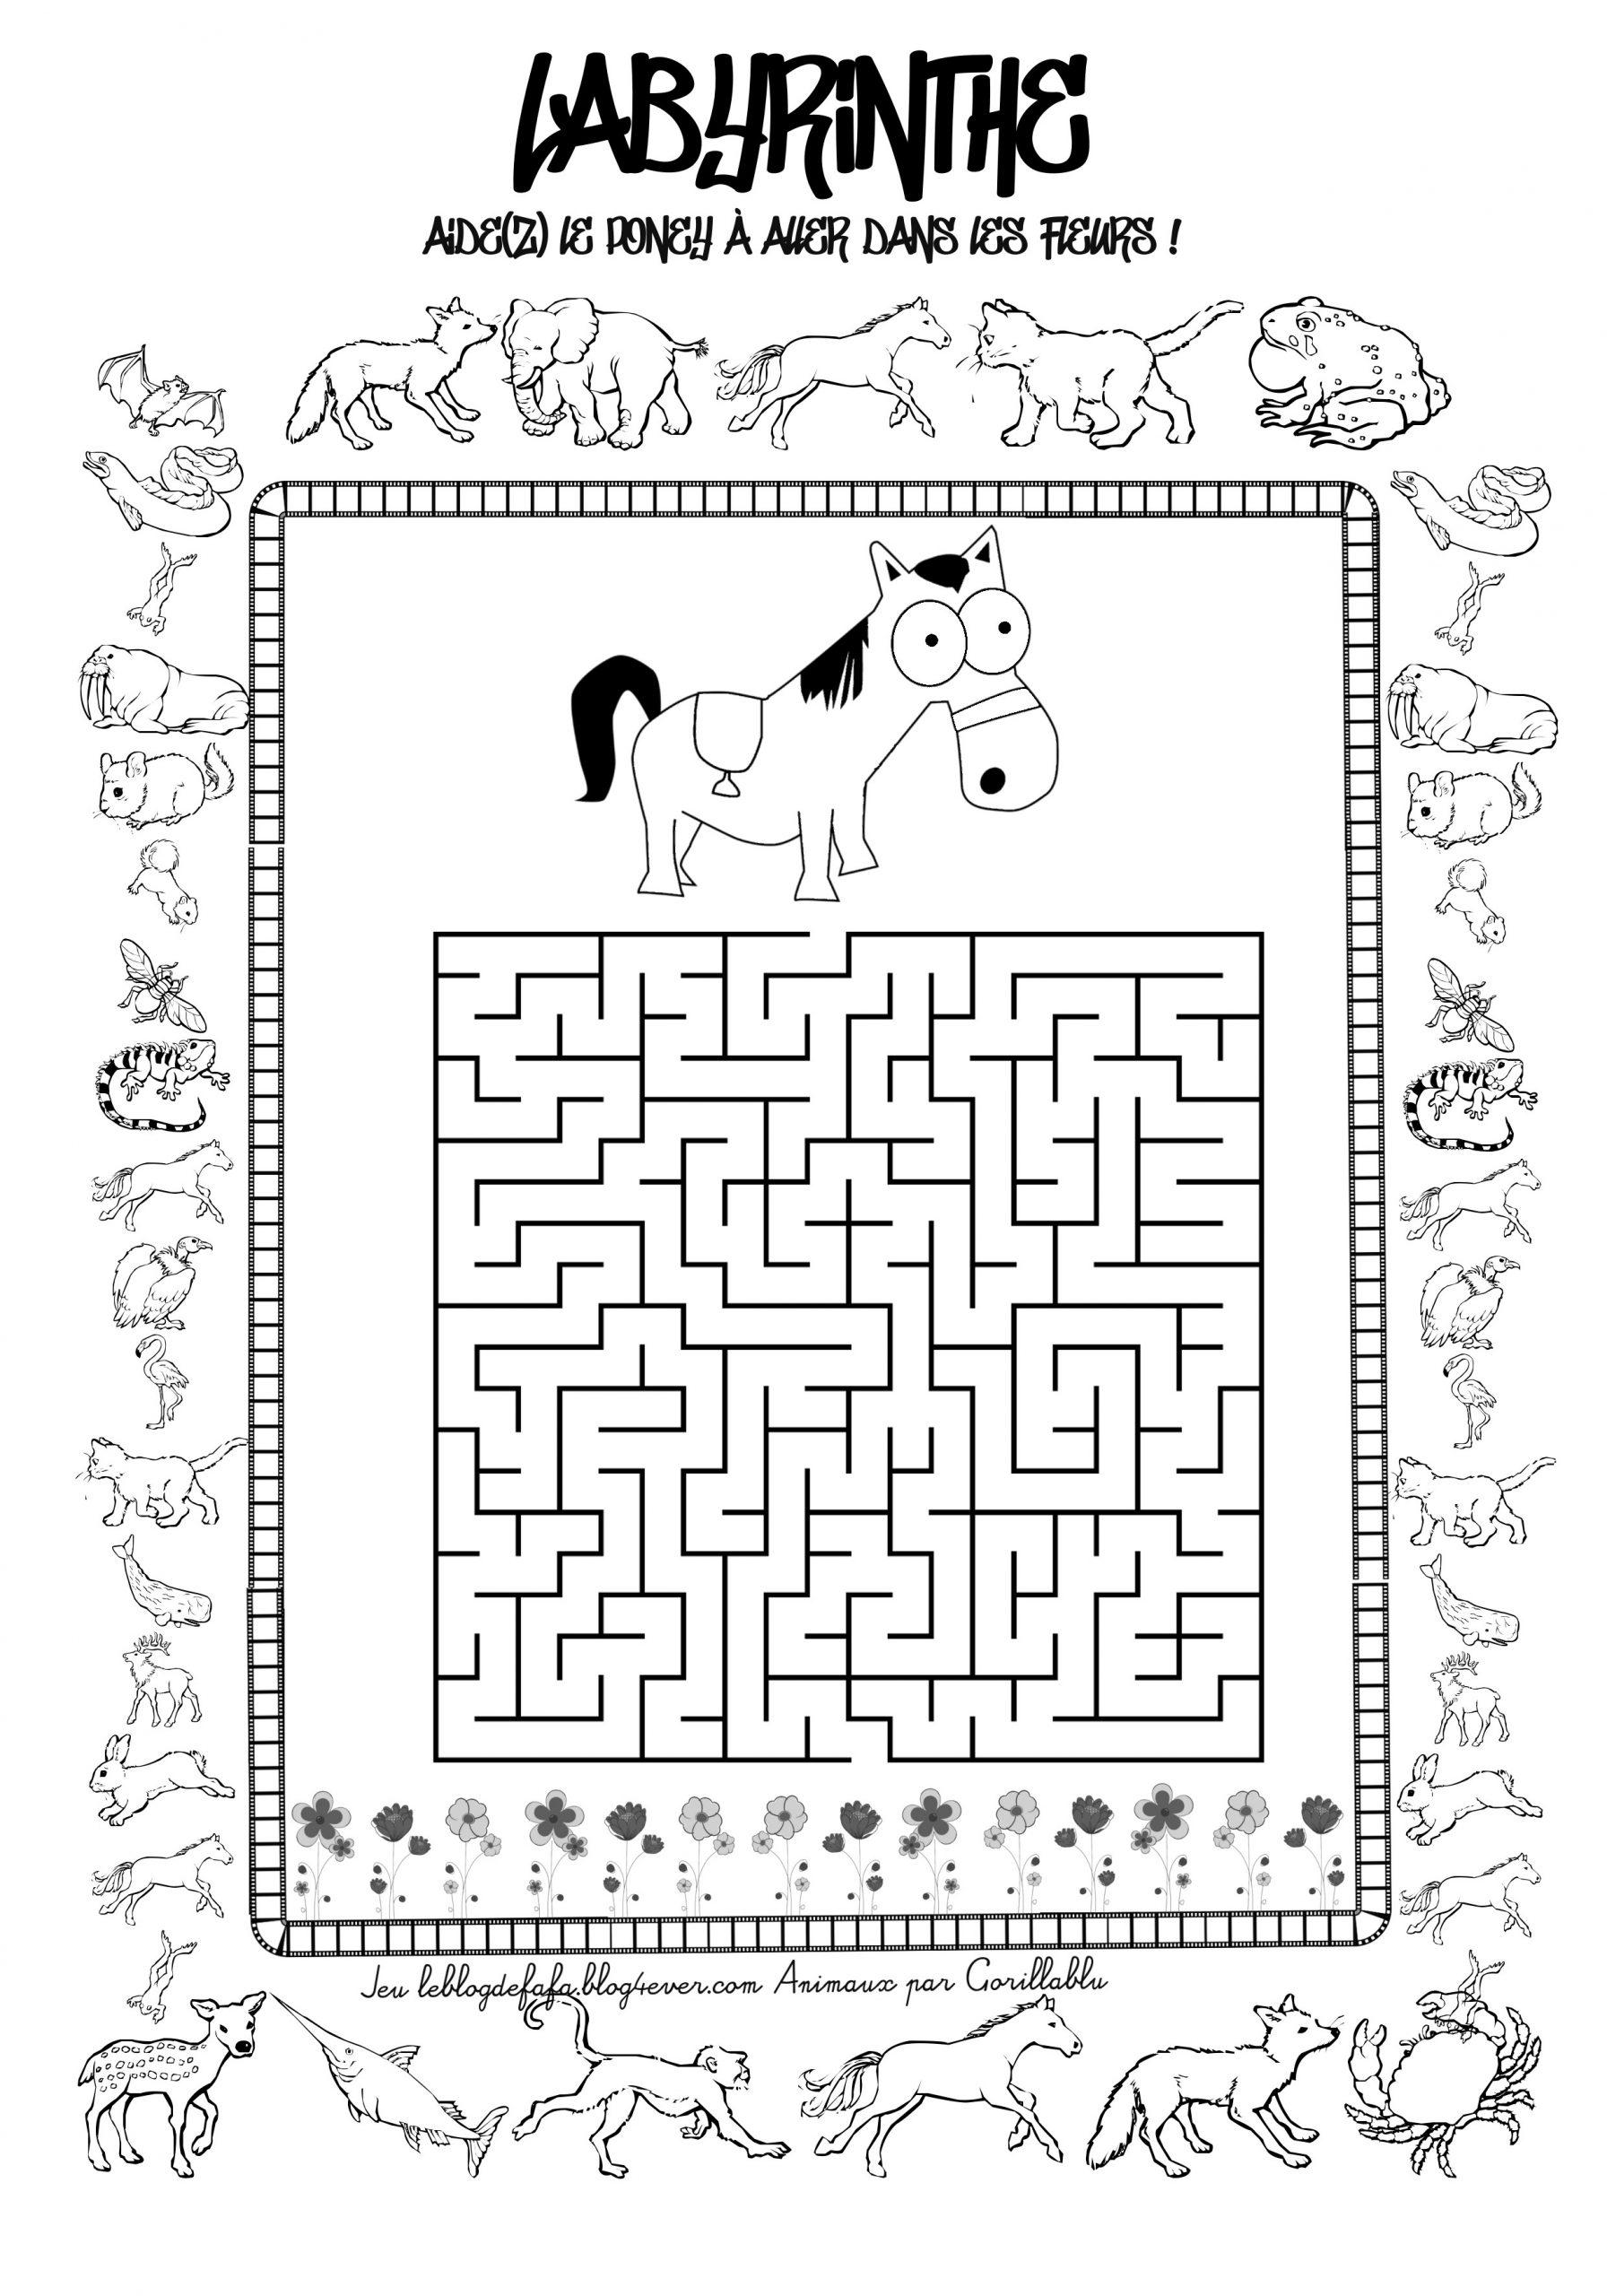 Jeux Chevaux Gratuits À Imprimer : Labyrinthes, Apprendre À serapportantà Jeux Relier Les Points